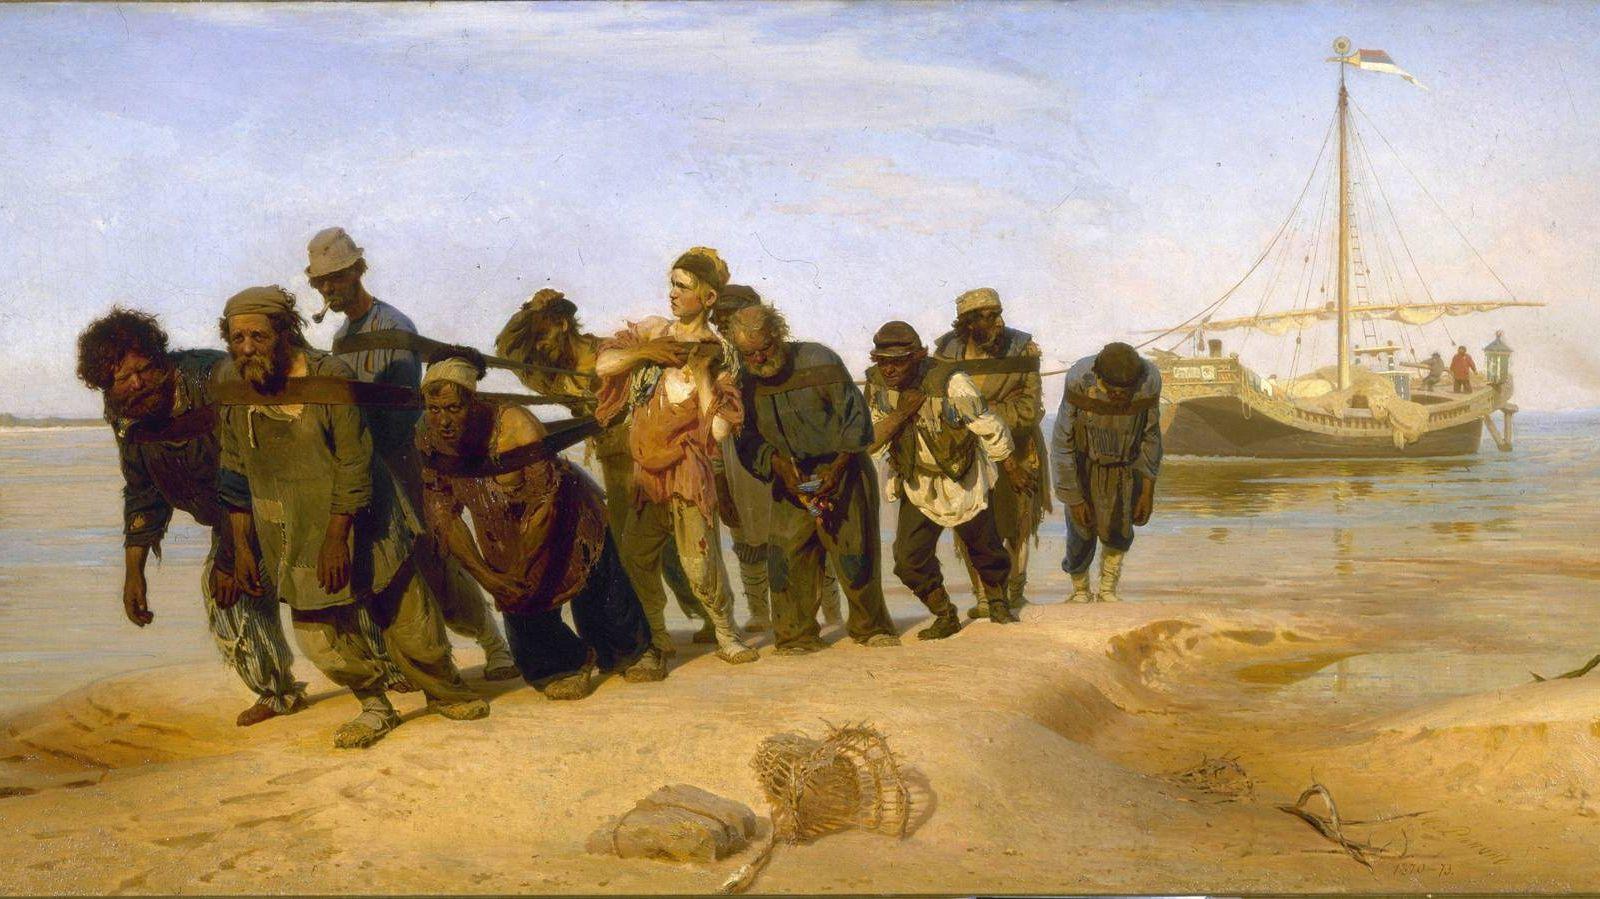 Илья Репин. Бурлаки на Волге. 1873